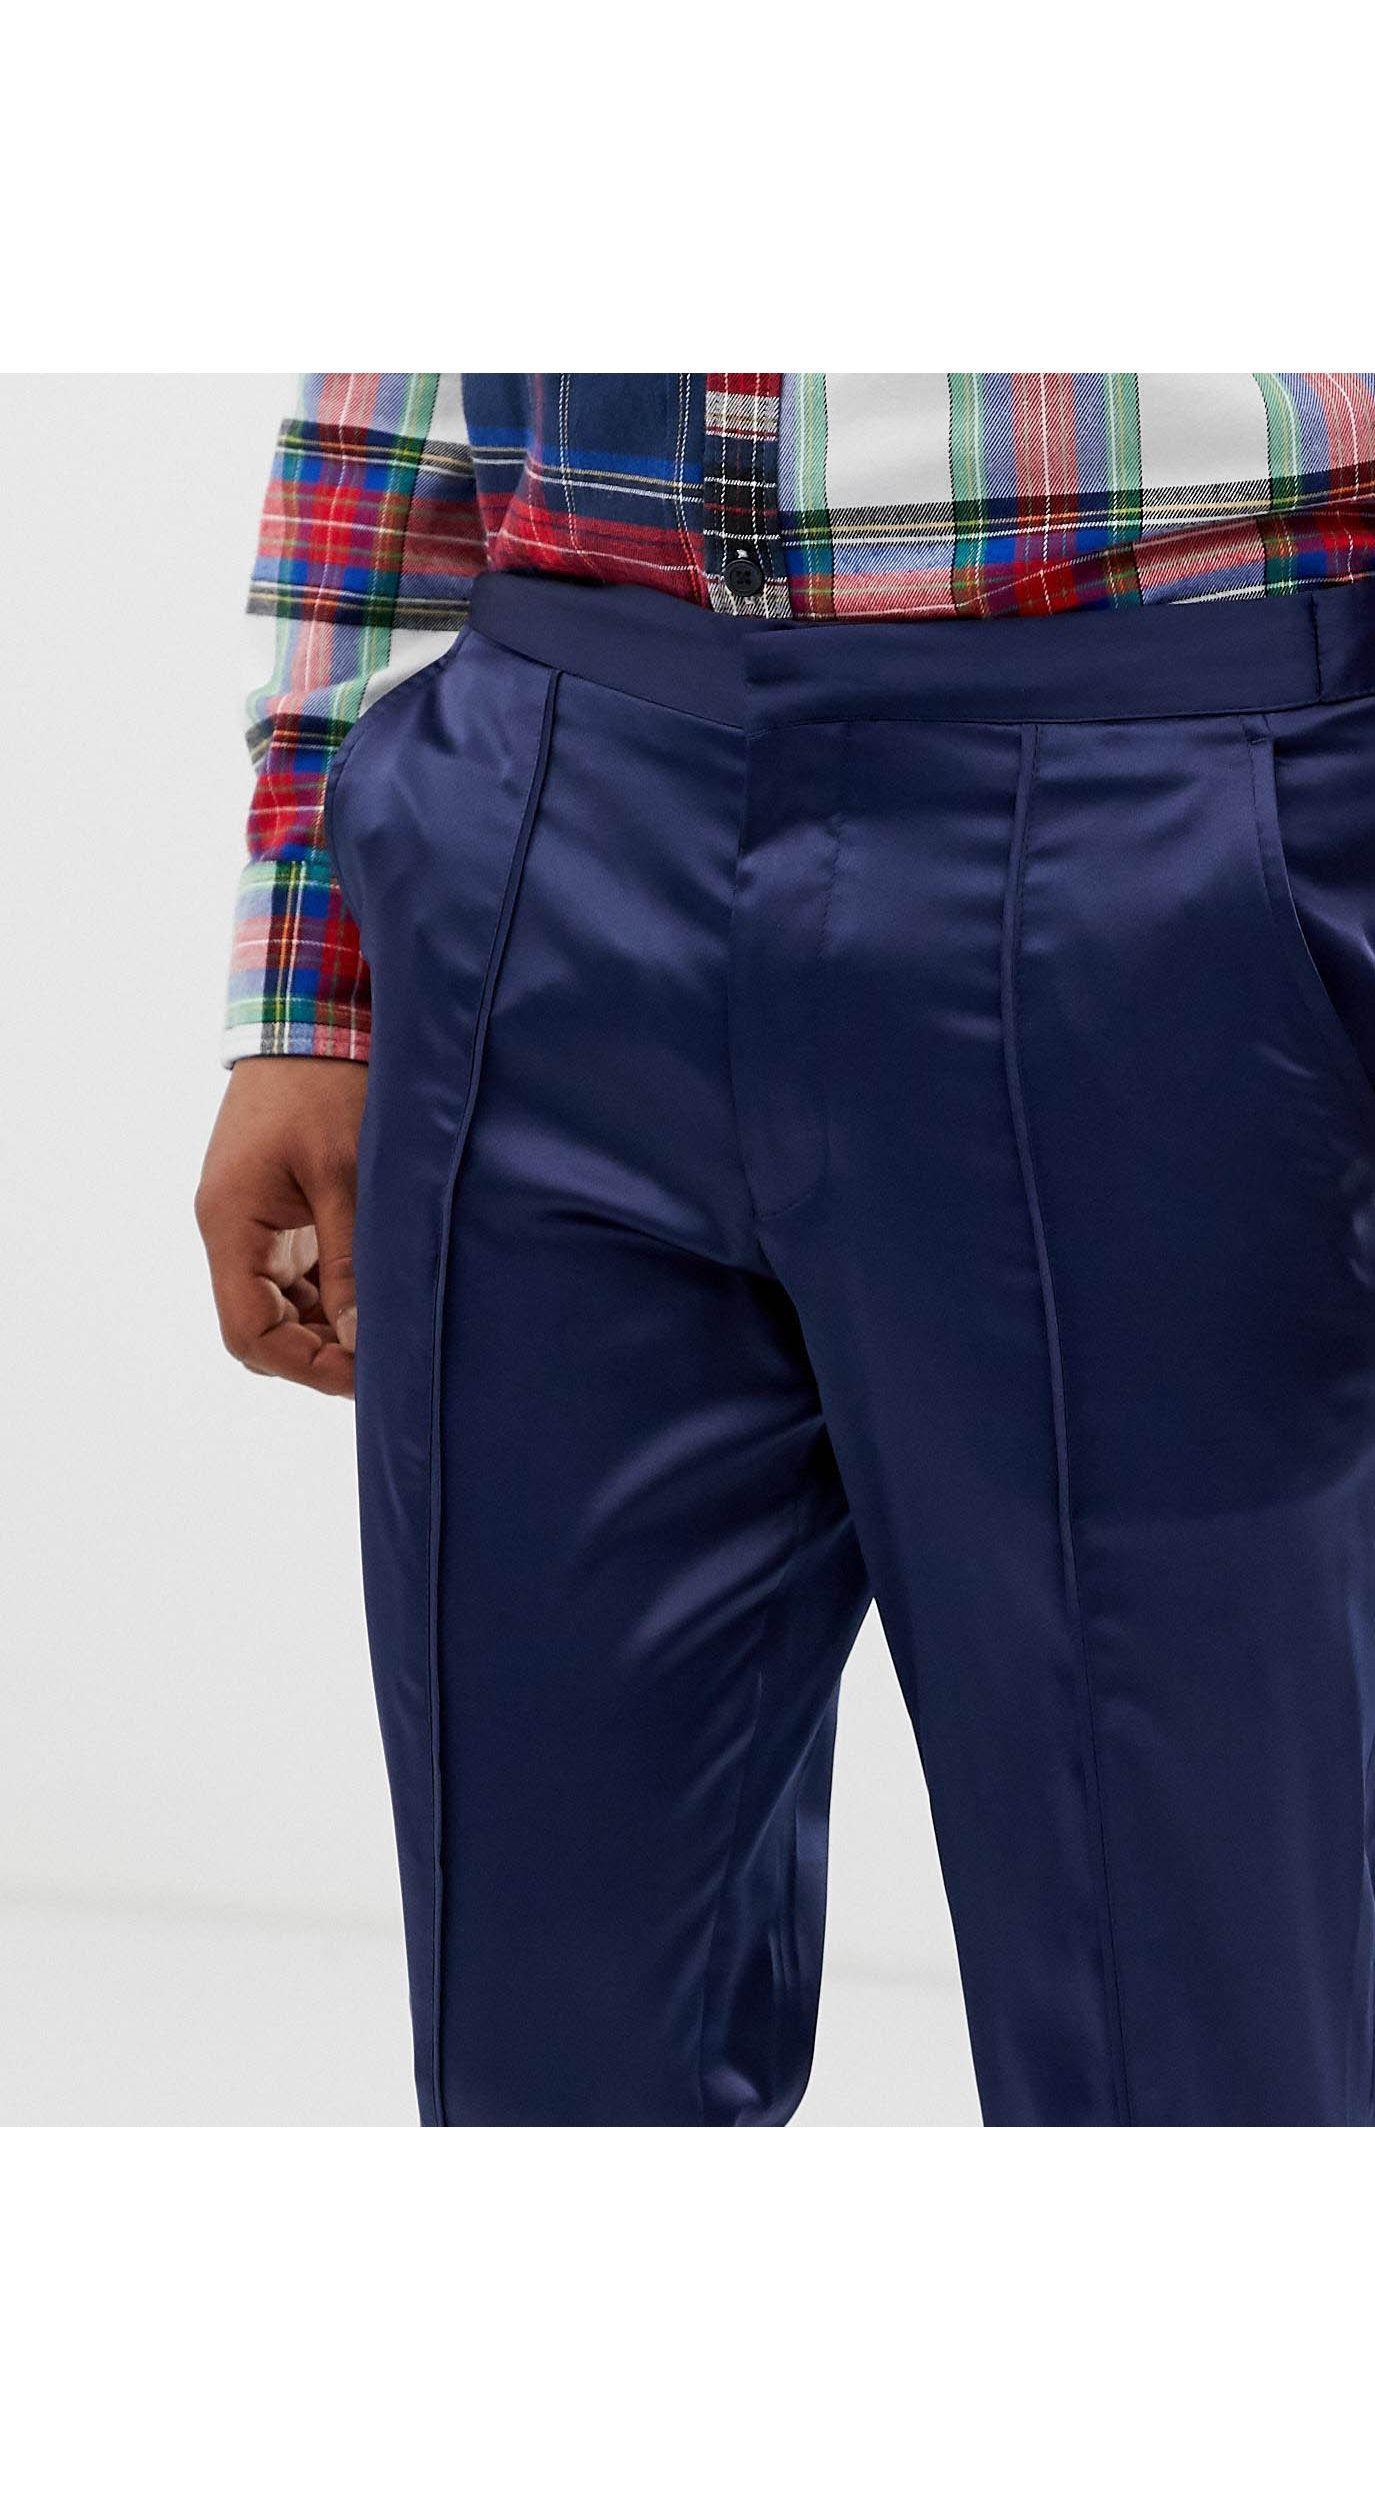 ASOS Denim Asos - Skinny Crop Marineblauwe Satijnen Nette Broek Met Biezen in het Blauw voor heren